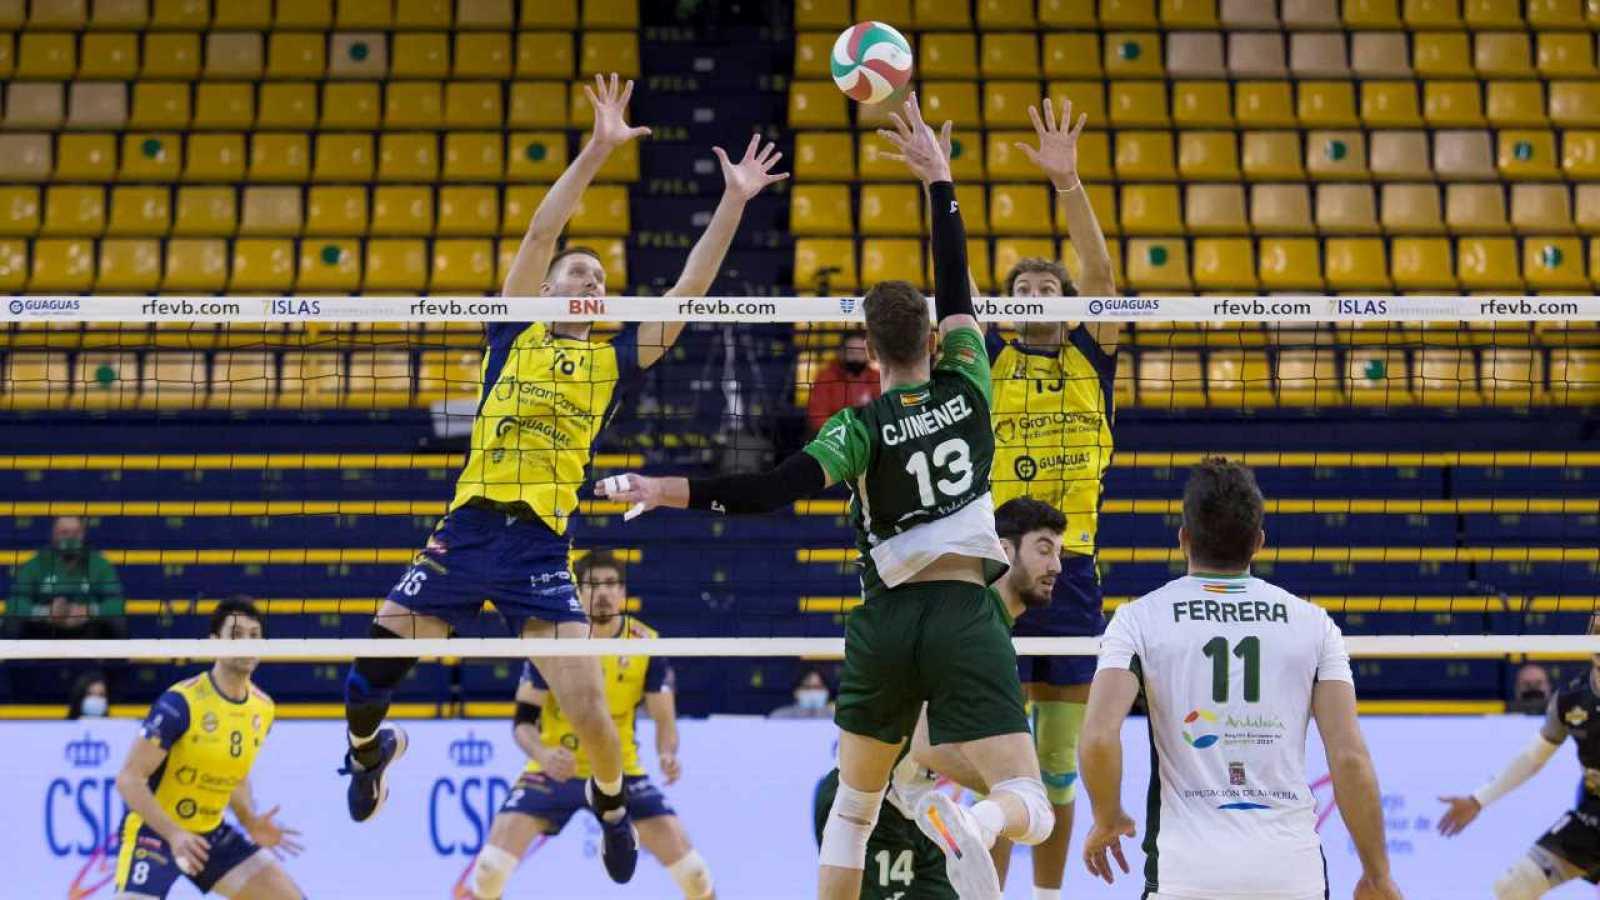 Copa del Rey de voleibol, semifinal: Unicaja Costa de Almería - CV Guaguas - partido completo